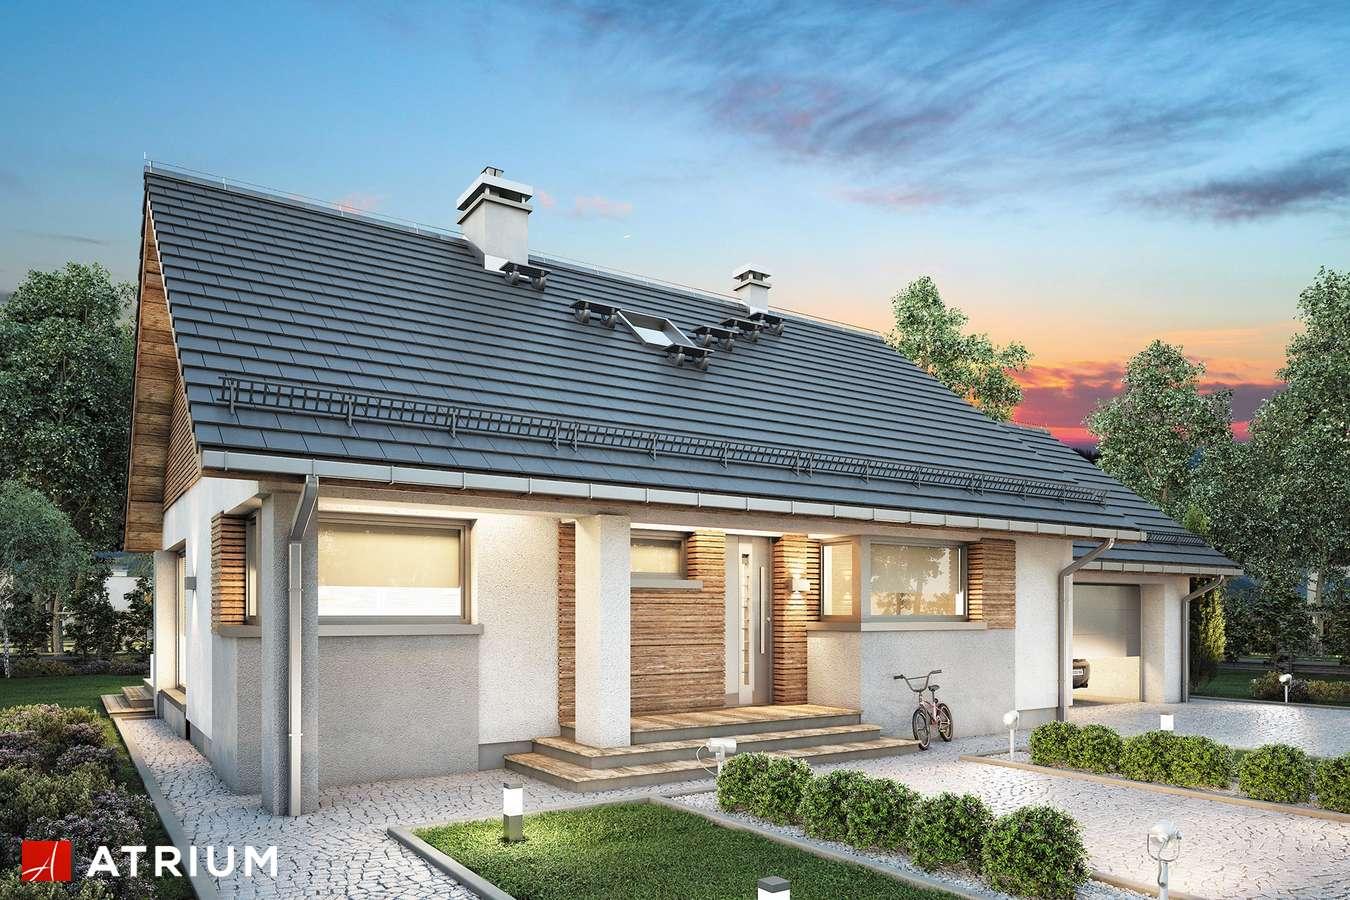 Projekty domów - Projekt domu parterowego RICARDO LIFT II - wizualizacja 1 - wersja lustrzana